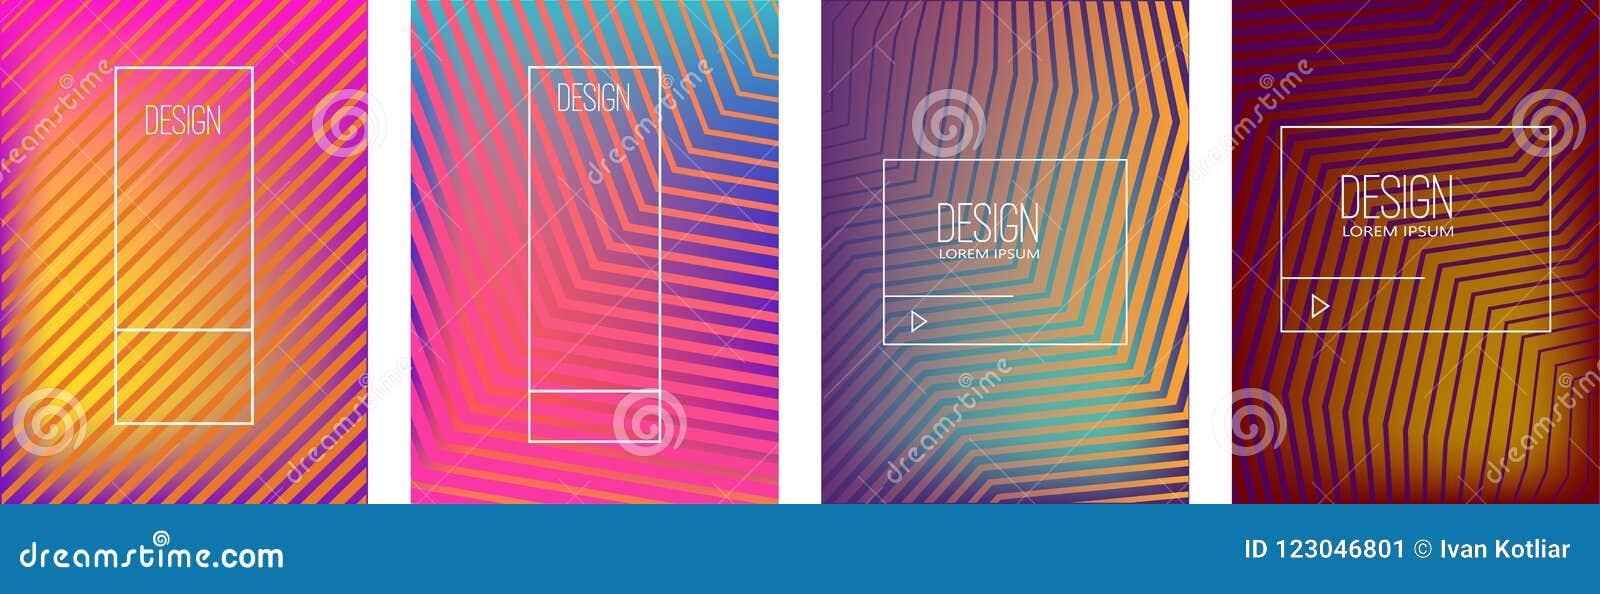 Satz Fahnendesignschablonen mit abstrakter vibrierender Steigung formt Gestaltungselement für Plakat, Karte, Flieger, Darstellung